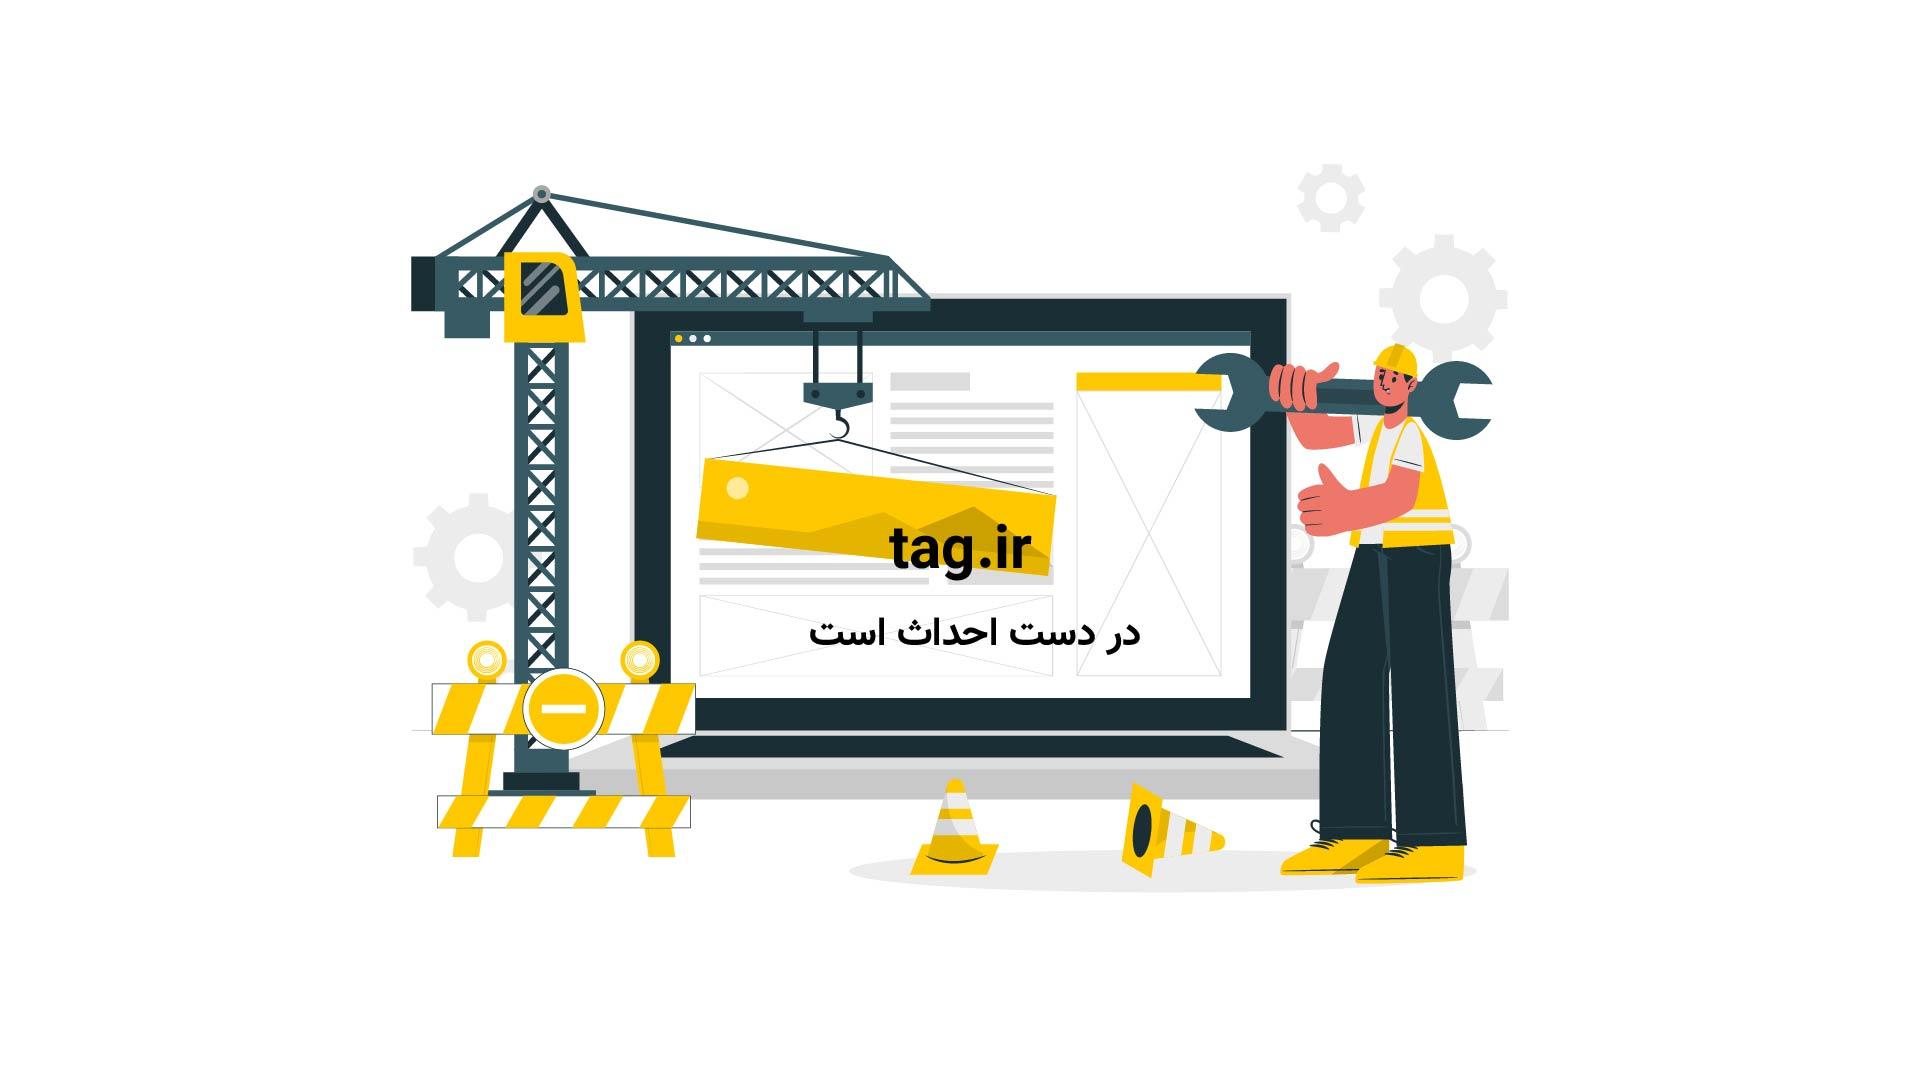 سخنرانیهای تد؛ بازیهایی برای ایجاد ایدههای خلاقانه | فیلم